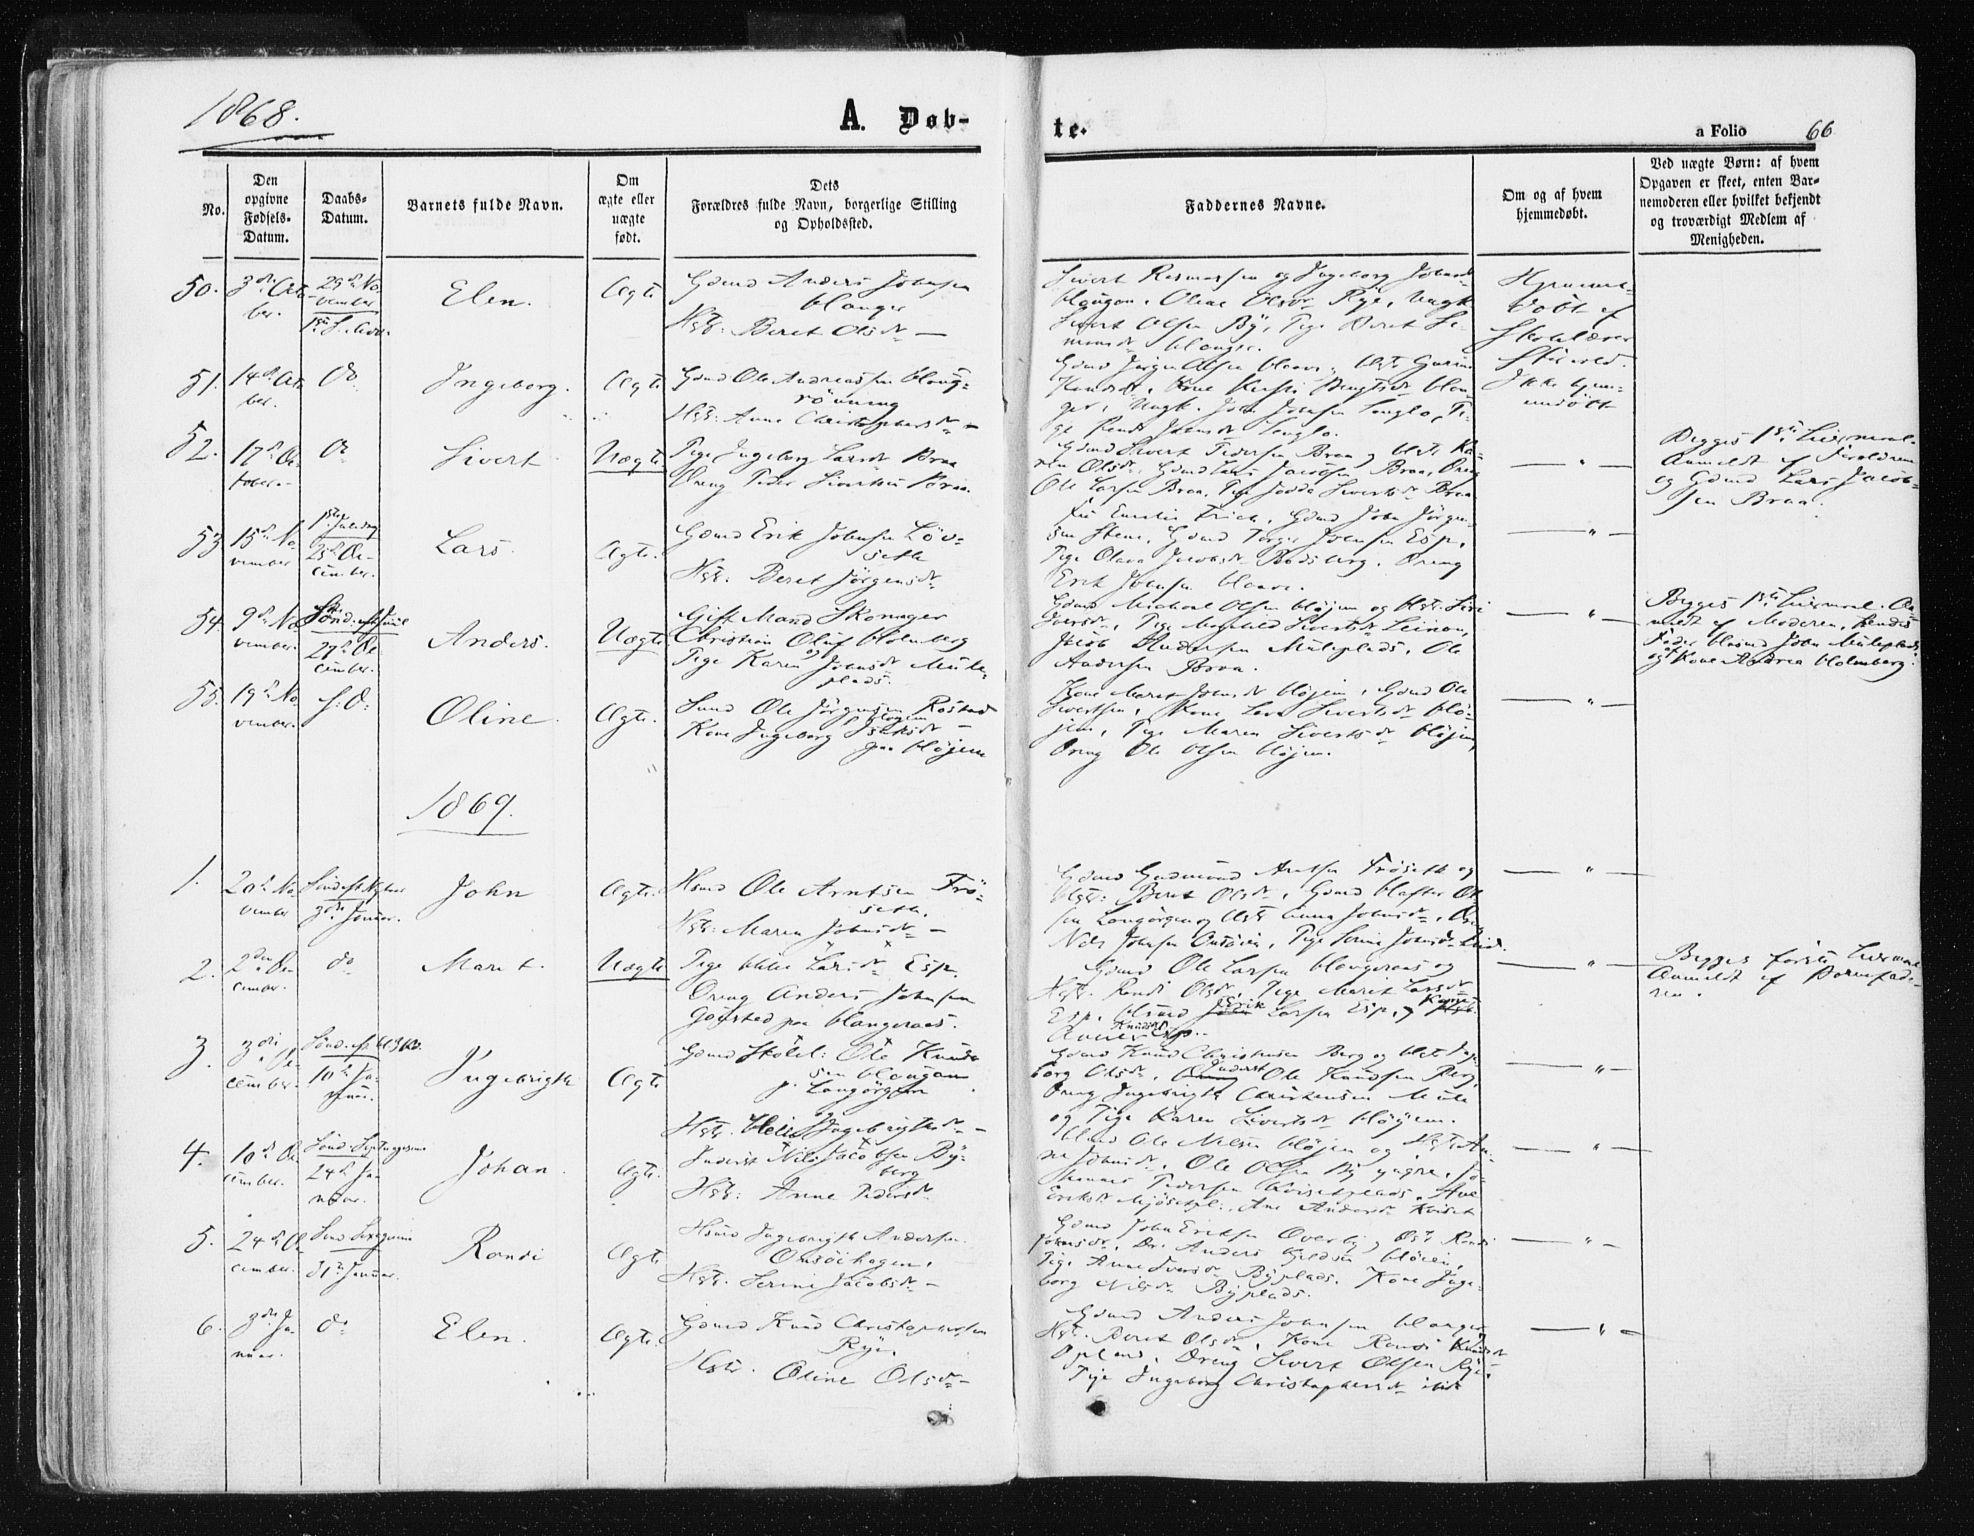 SAT, Ministerialprotokoller, klokkerbøker og fødselsregistre - Sør-Trøndelag, 612/L0377: Ministerialbok nr. 612A09, 1859-1877, s. 66